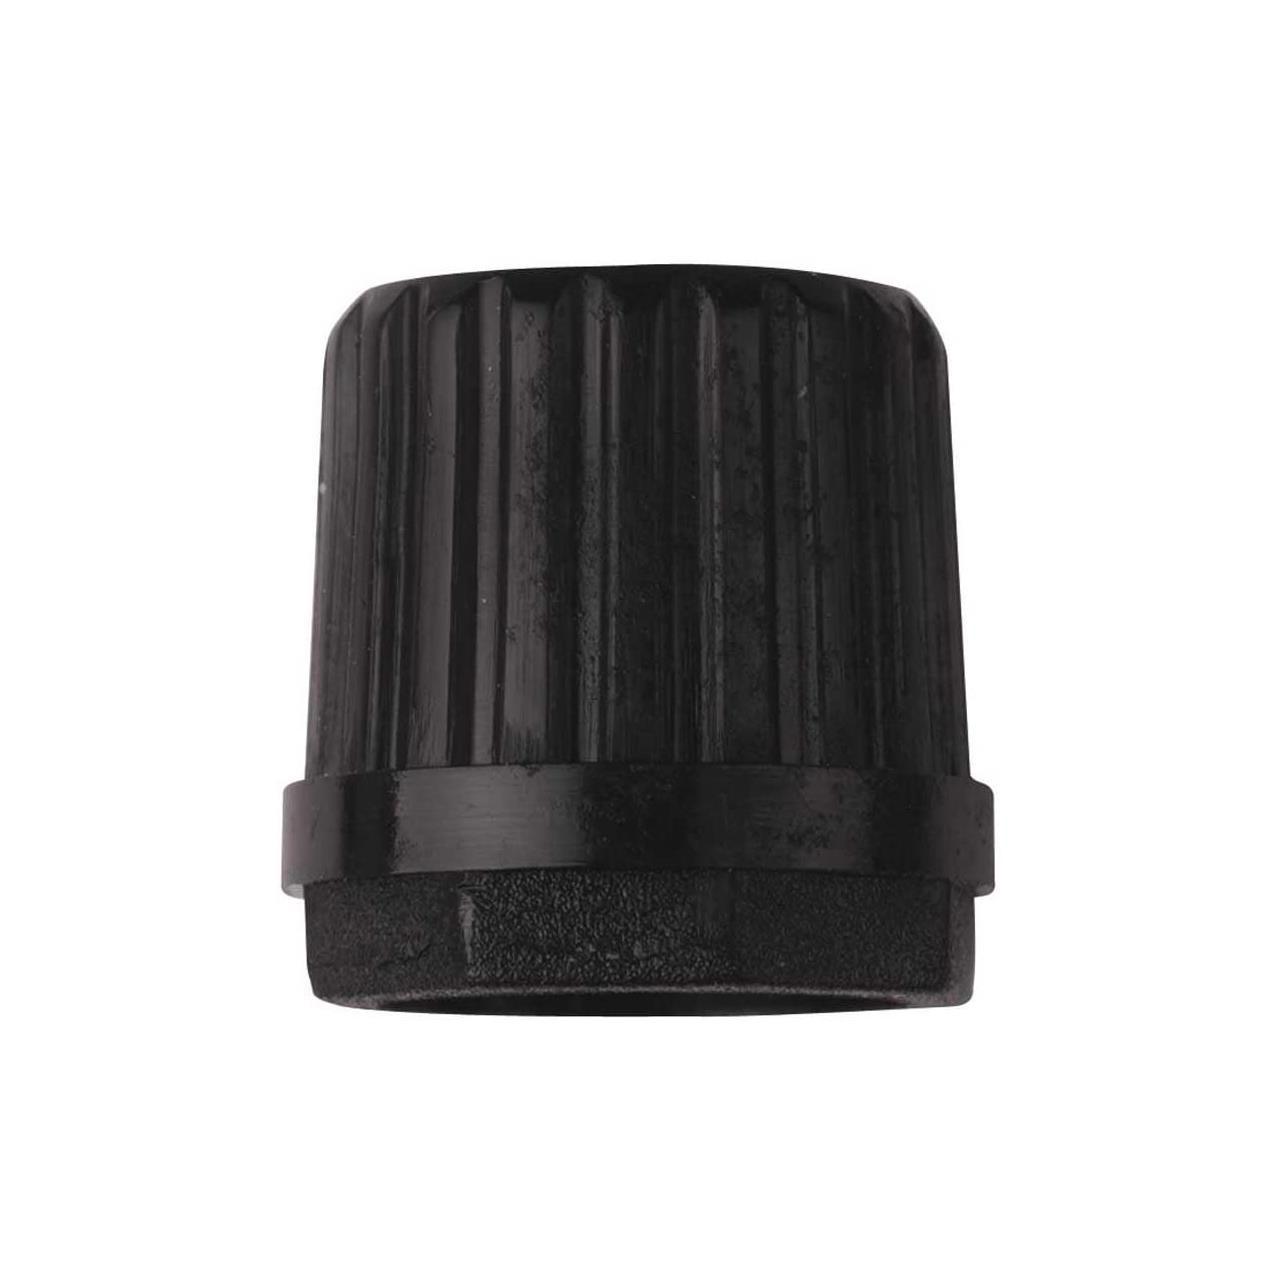 Weldtite Valve Cap PVC (Schrader Valves)